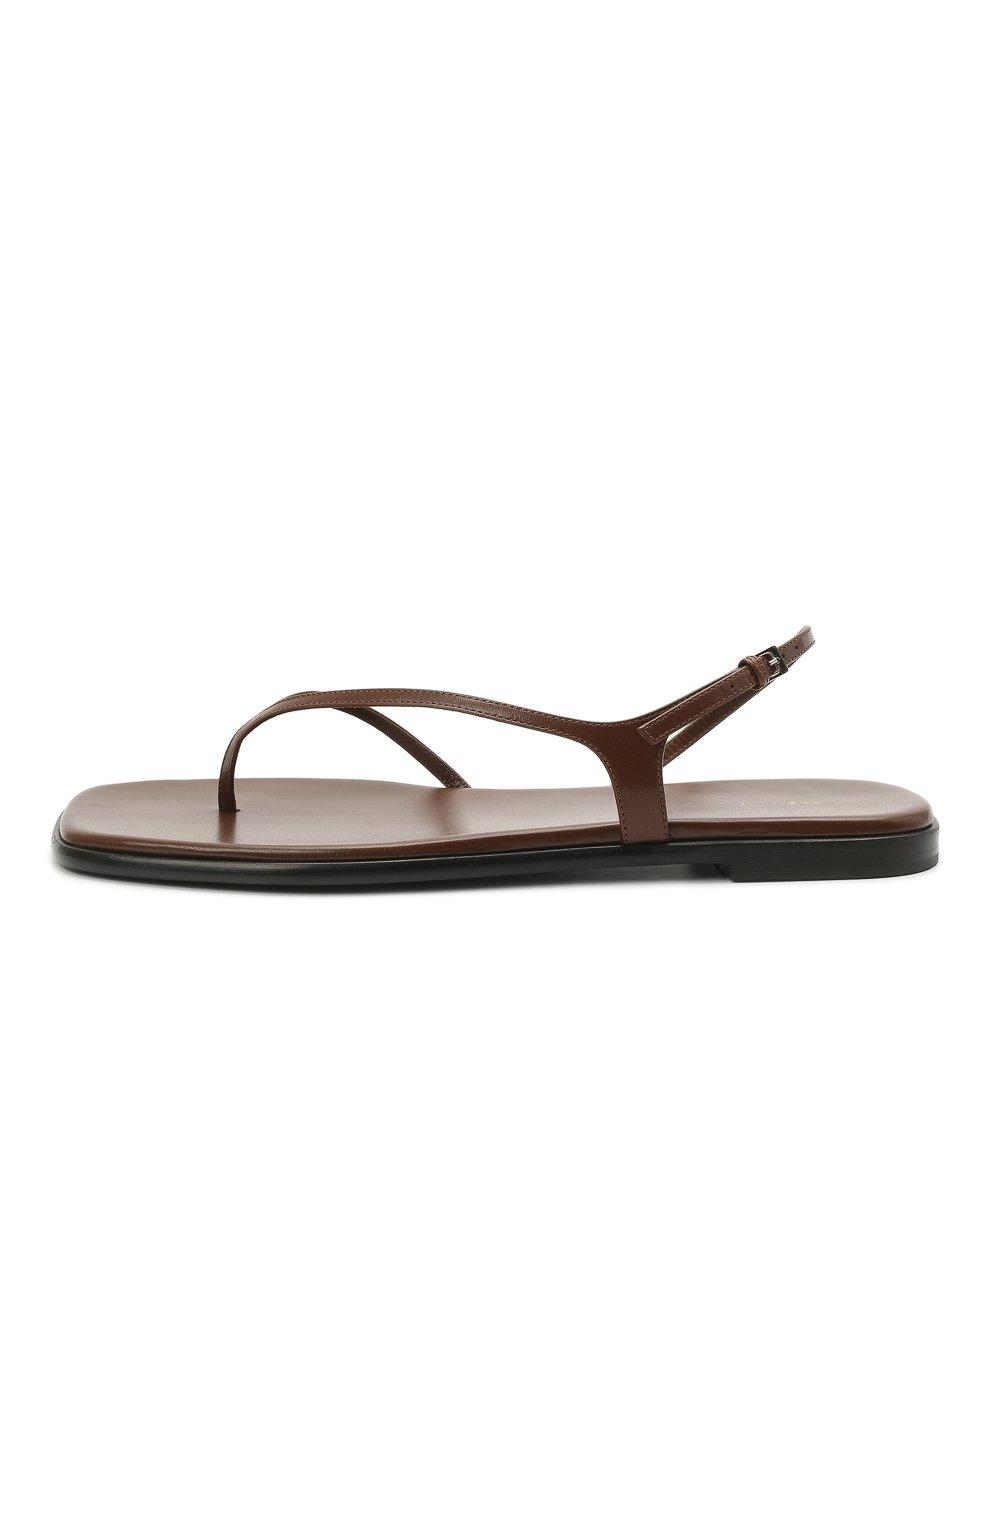 Женские кожаные сандалии THE ROW коричневого цвета, арт. F1197-L35 | Фото 3 (Каблук высота: Низкий; Материал внутренний: Натуральная кожа; Подошва: Плоская)